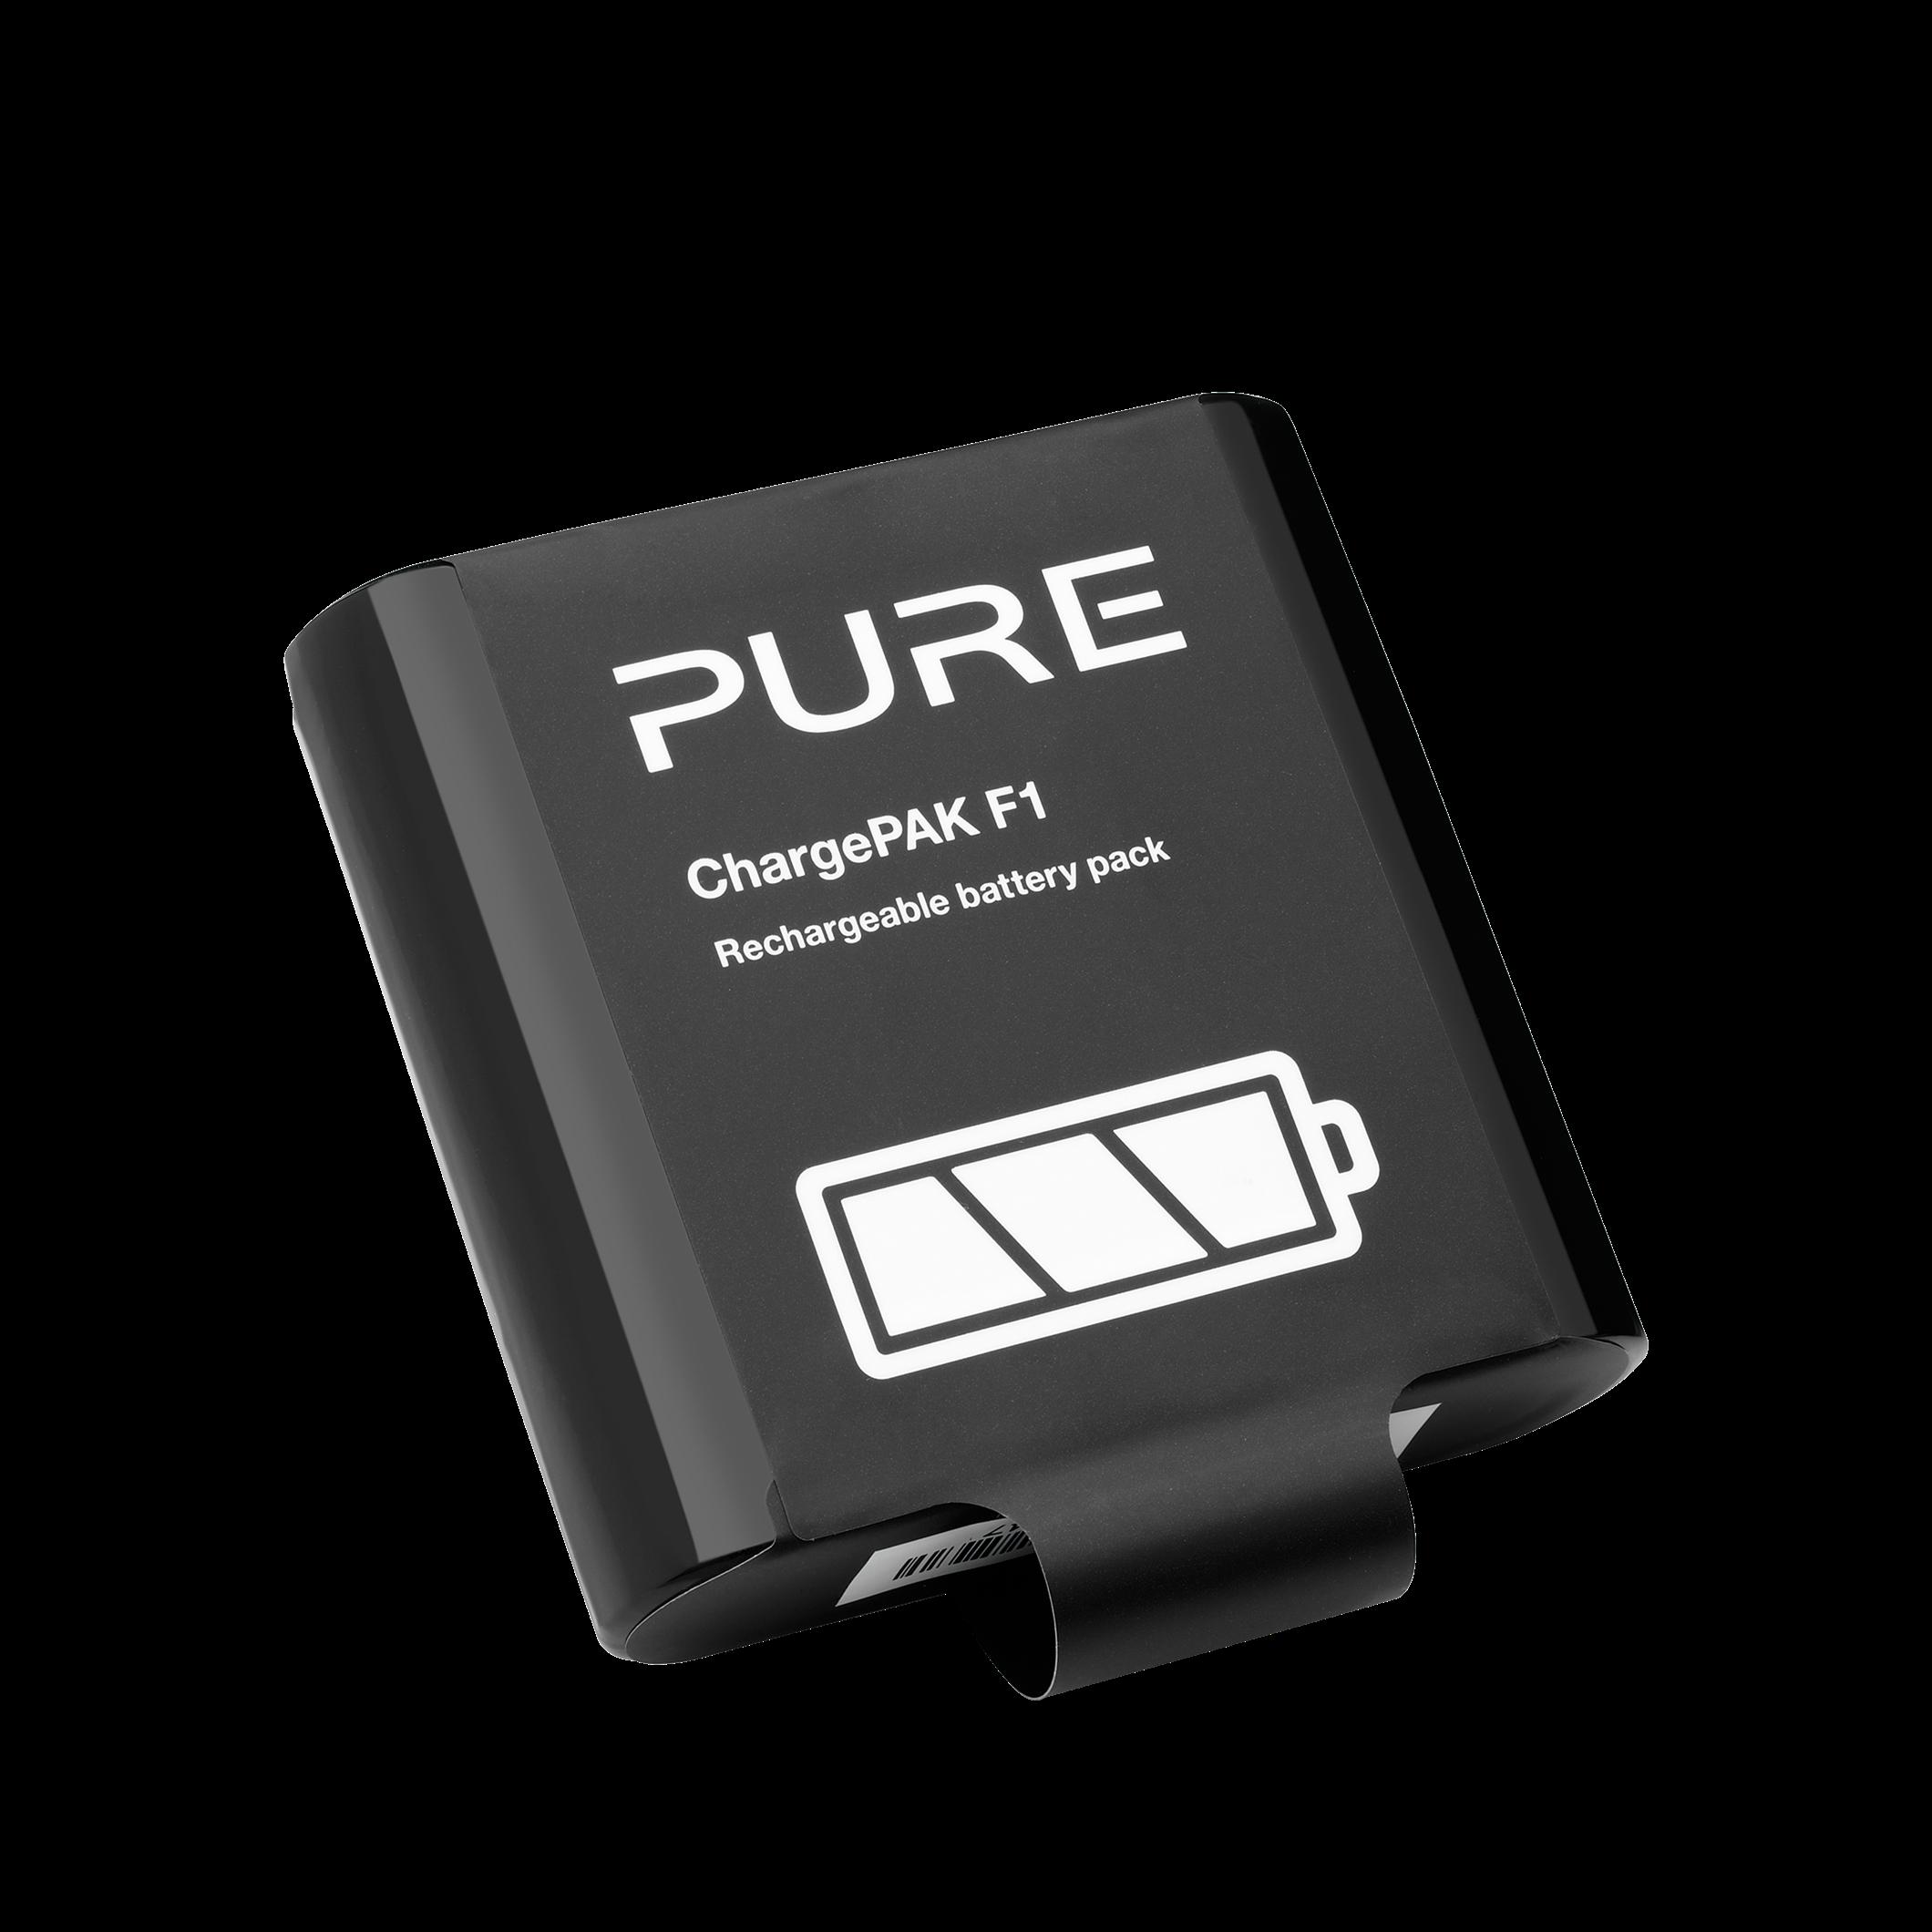 Pure - Evoke ChargePAK F1 Battery